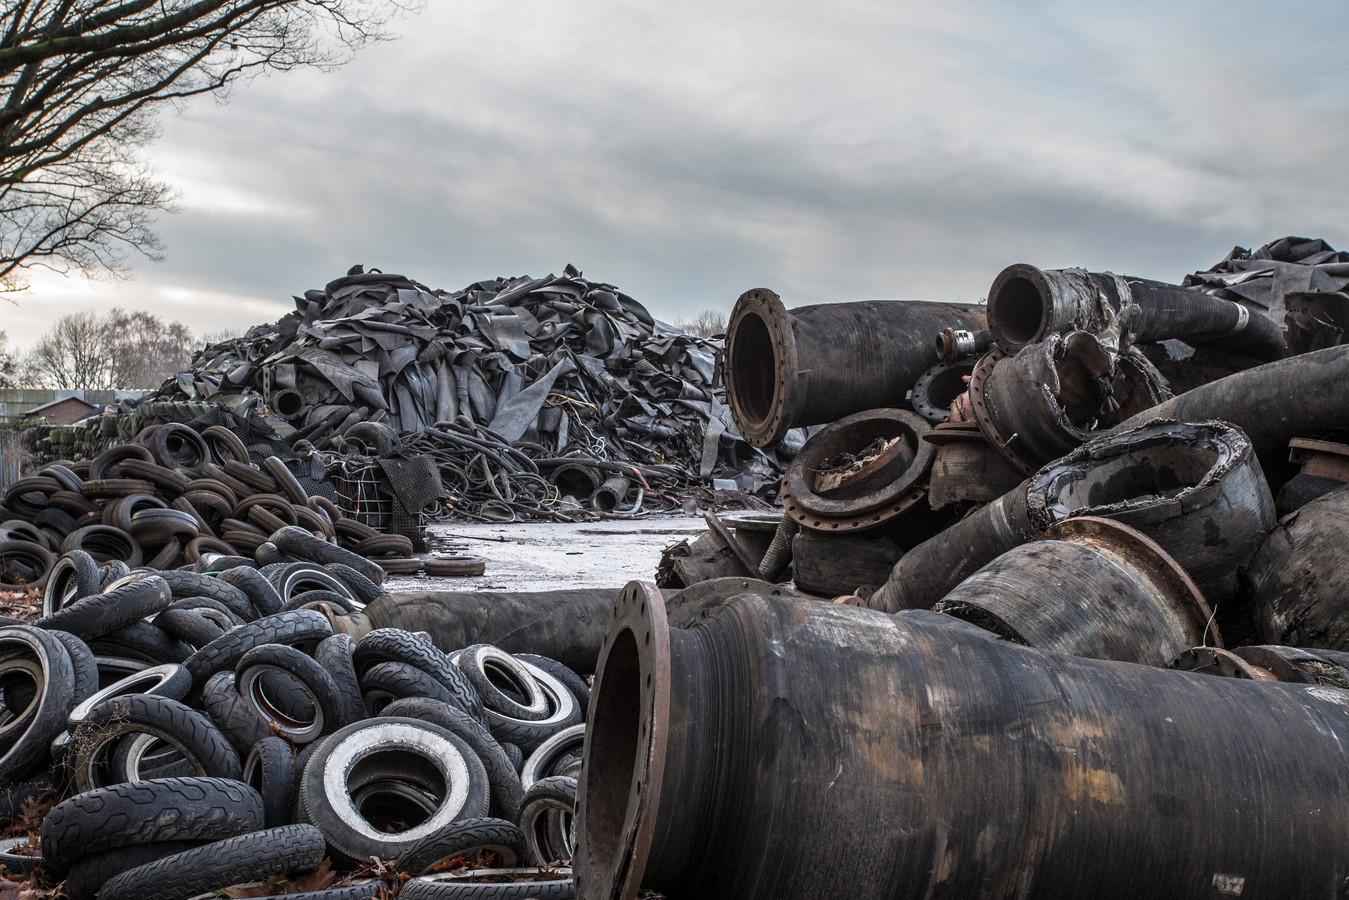 Doornberg Recycling aan de Scheggertdijk Almen.